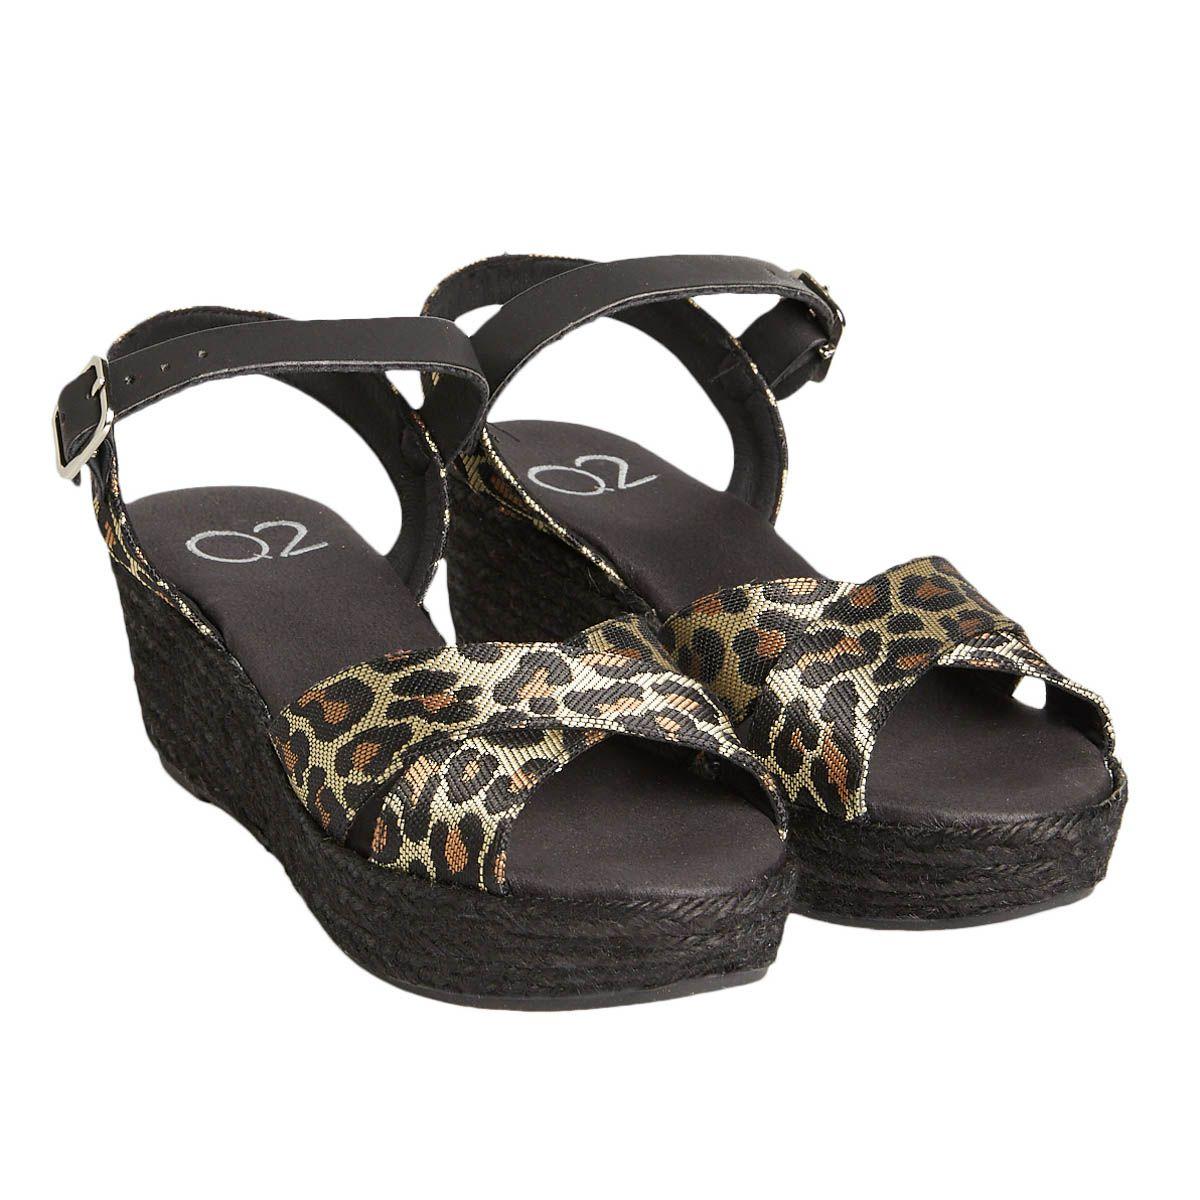 Leindia Sparto Wedge Sandal in Black